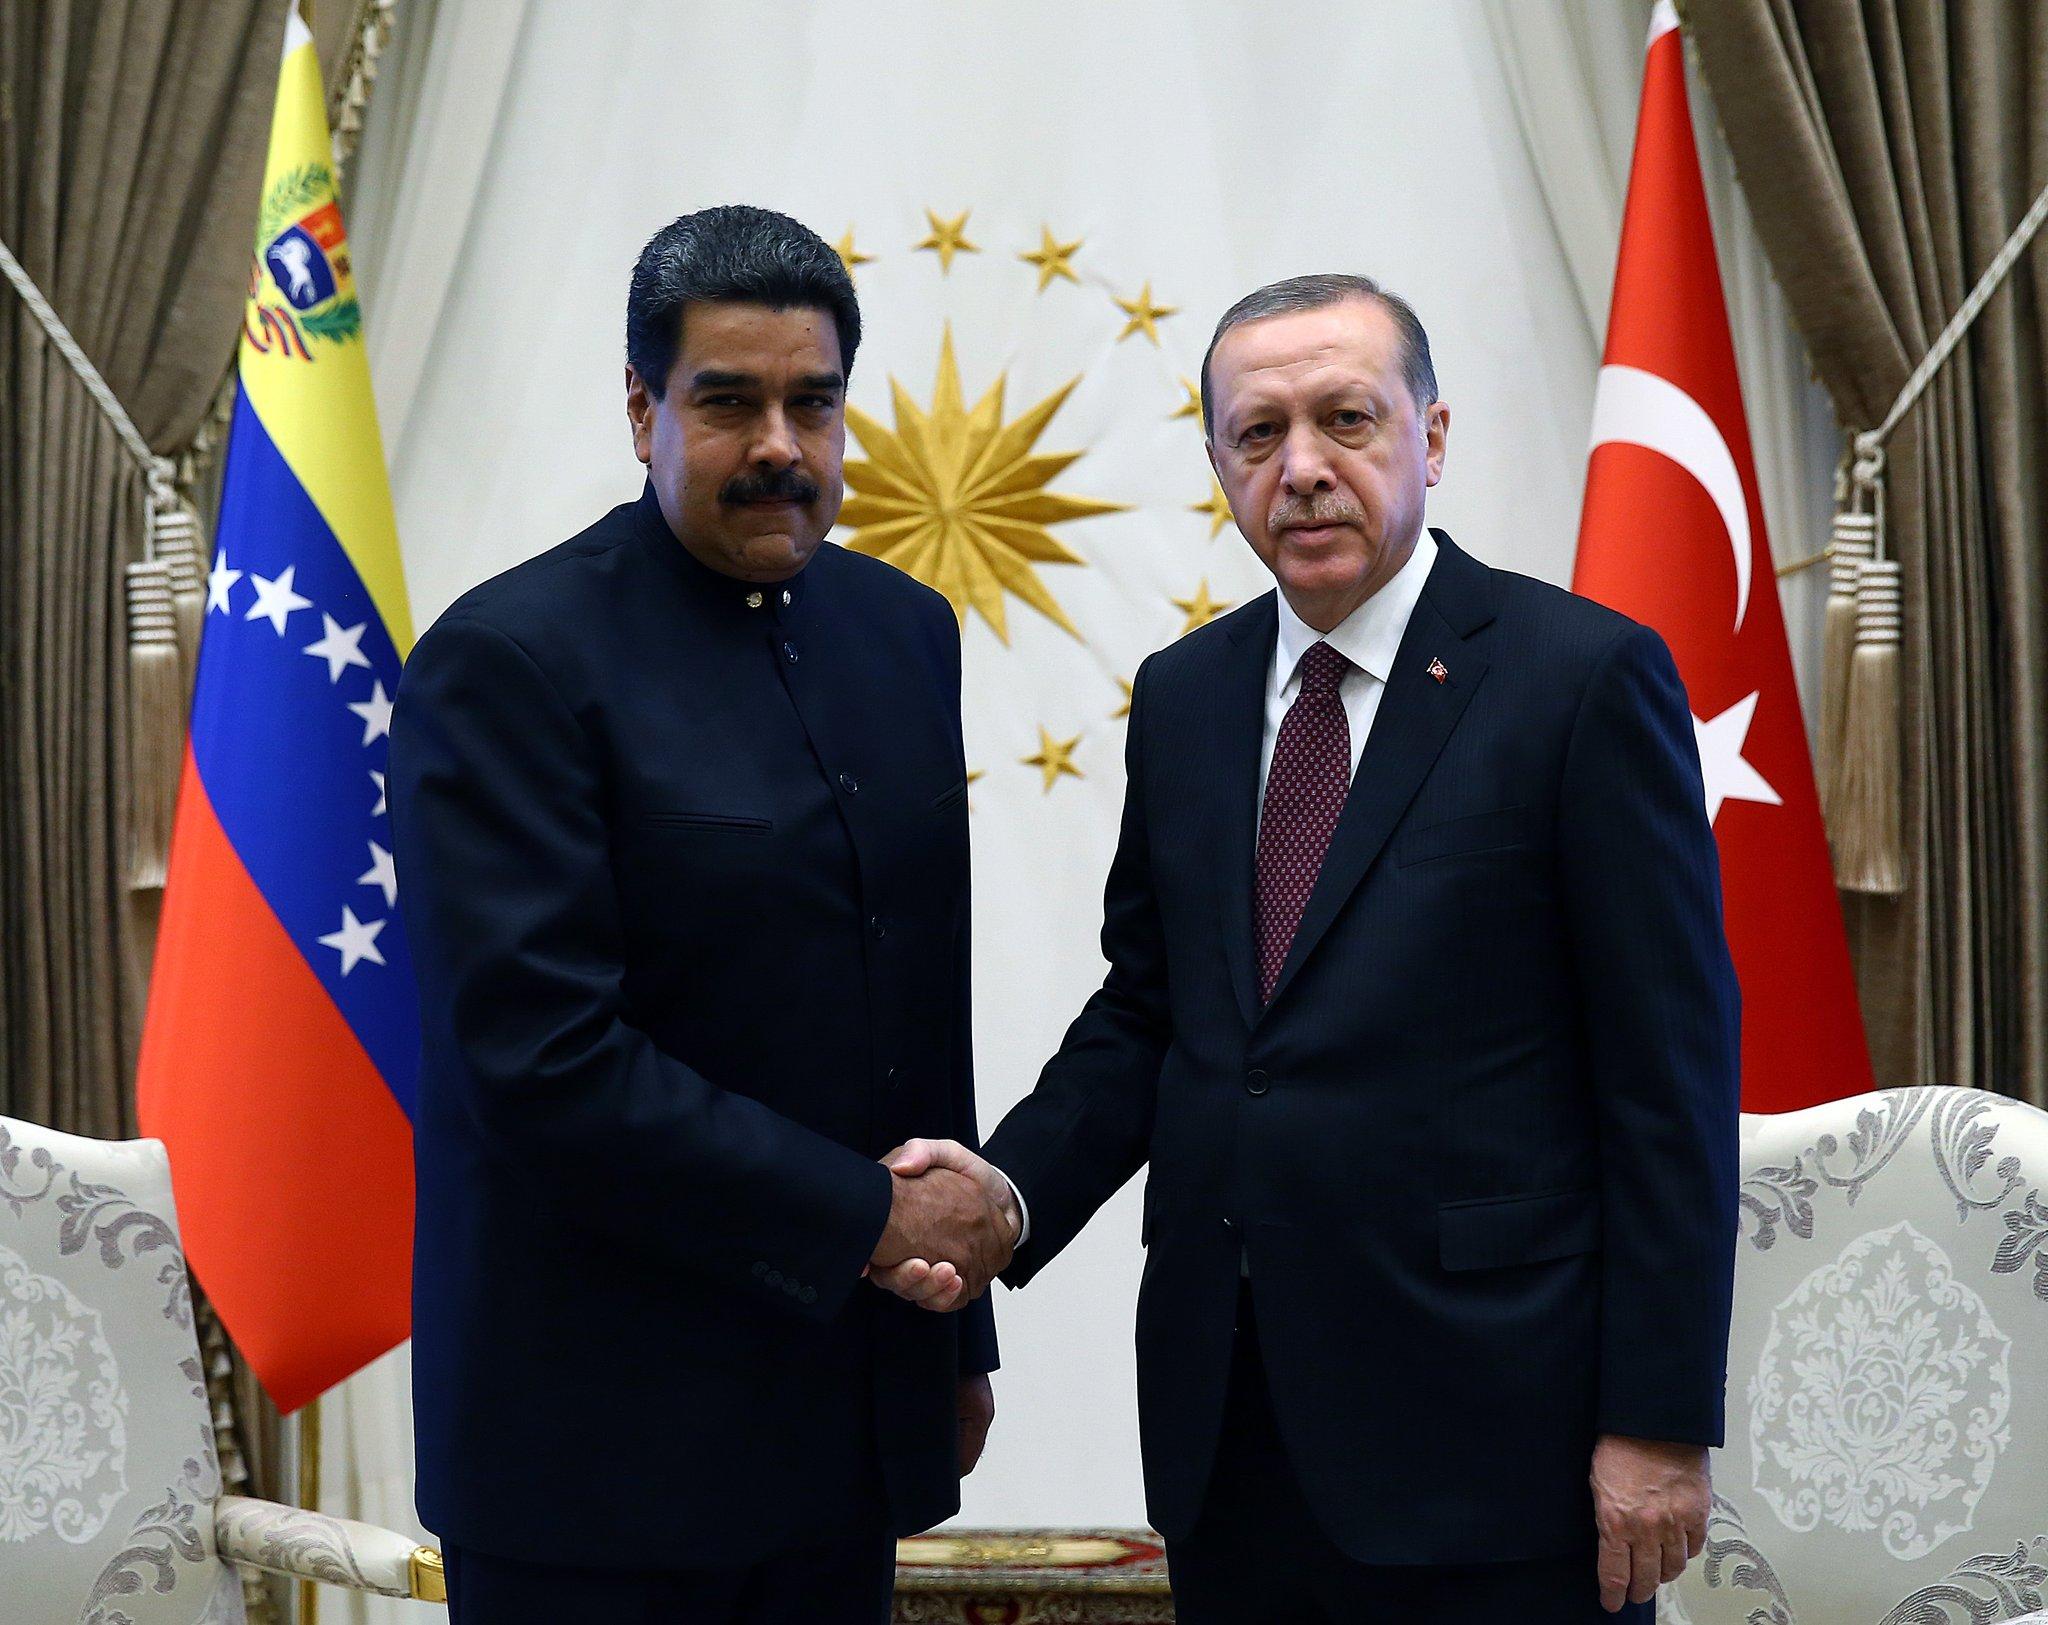 تركيا تستغرب إعلان رئيس جديد لفنزويلا